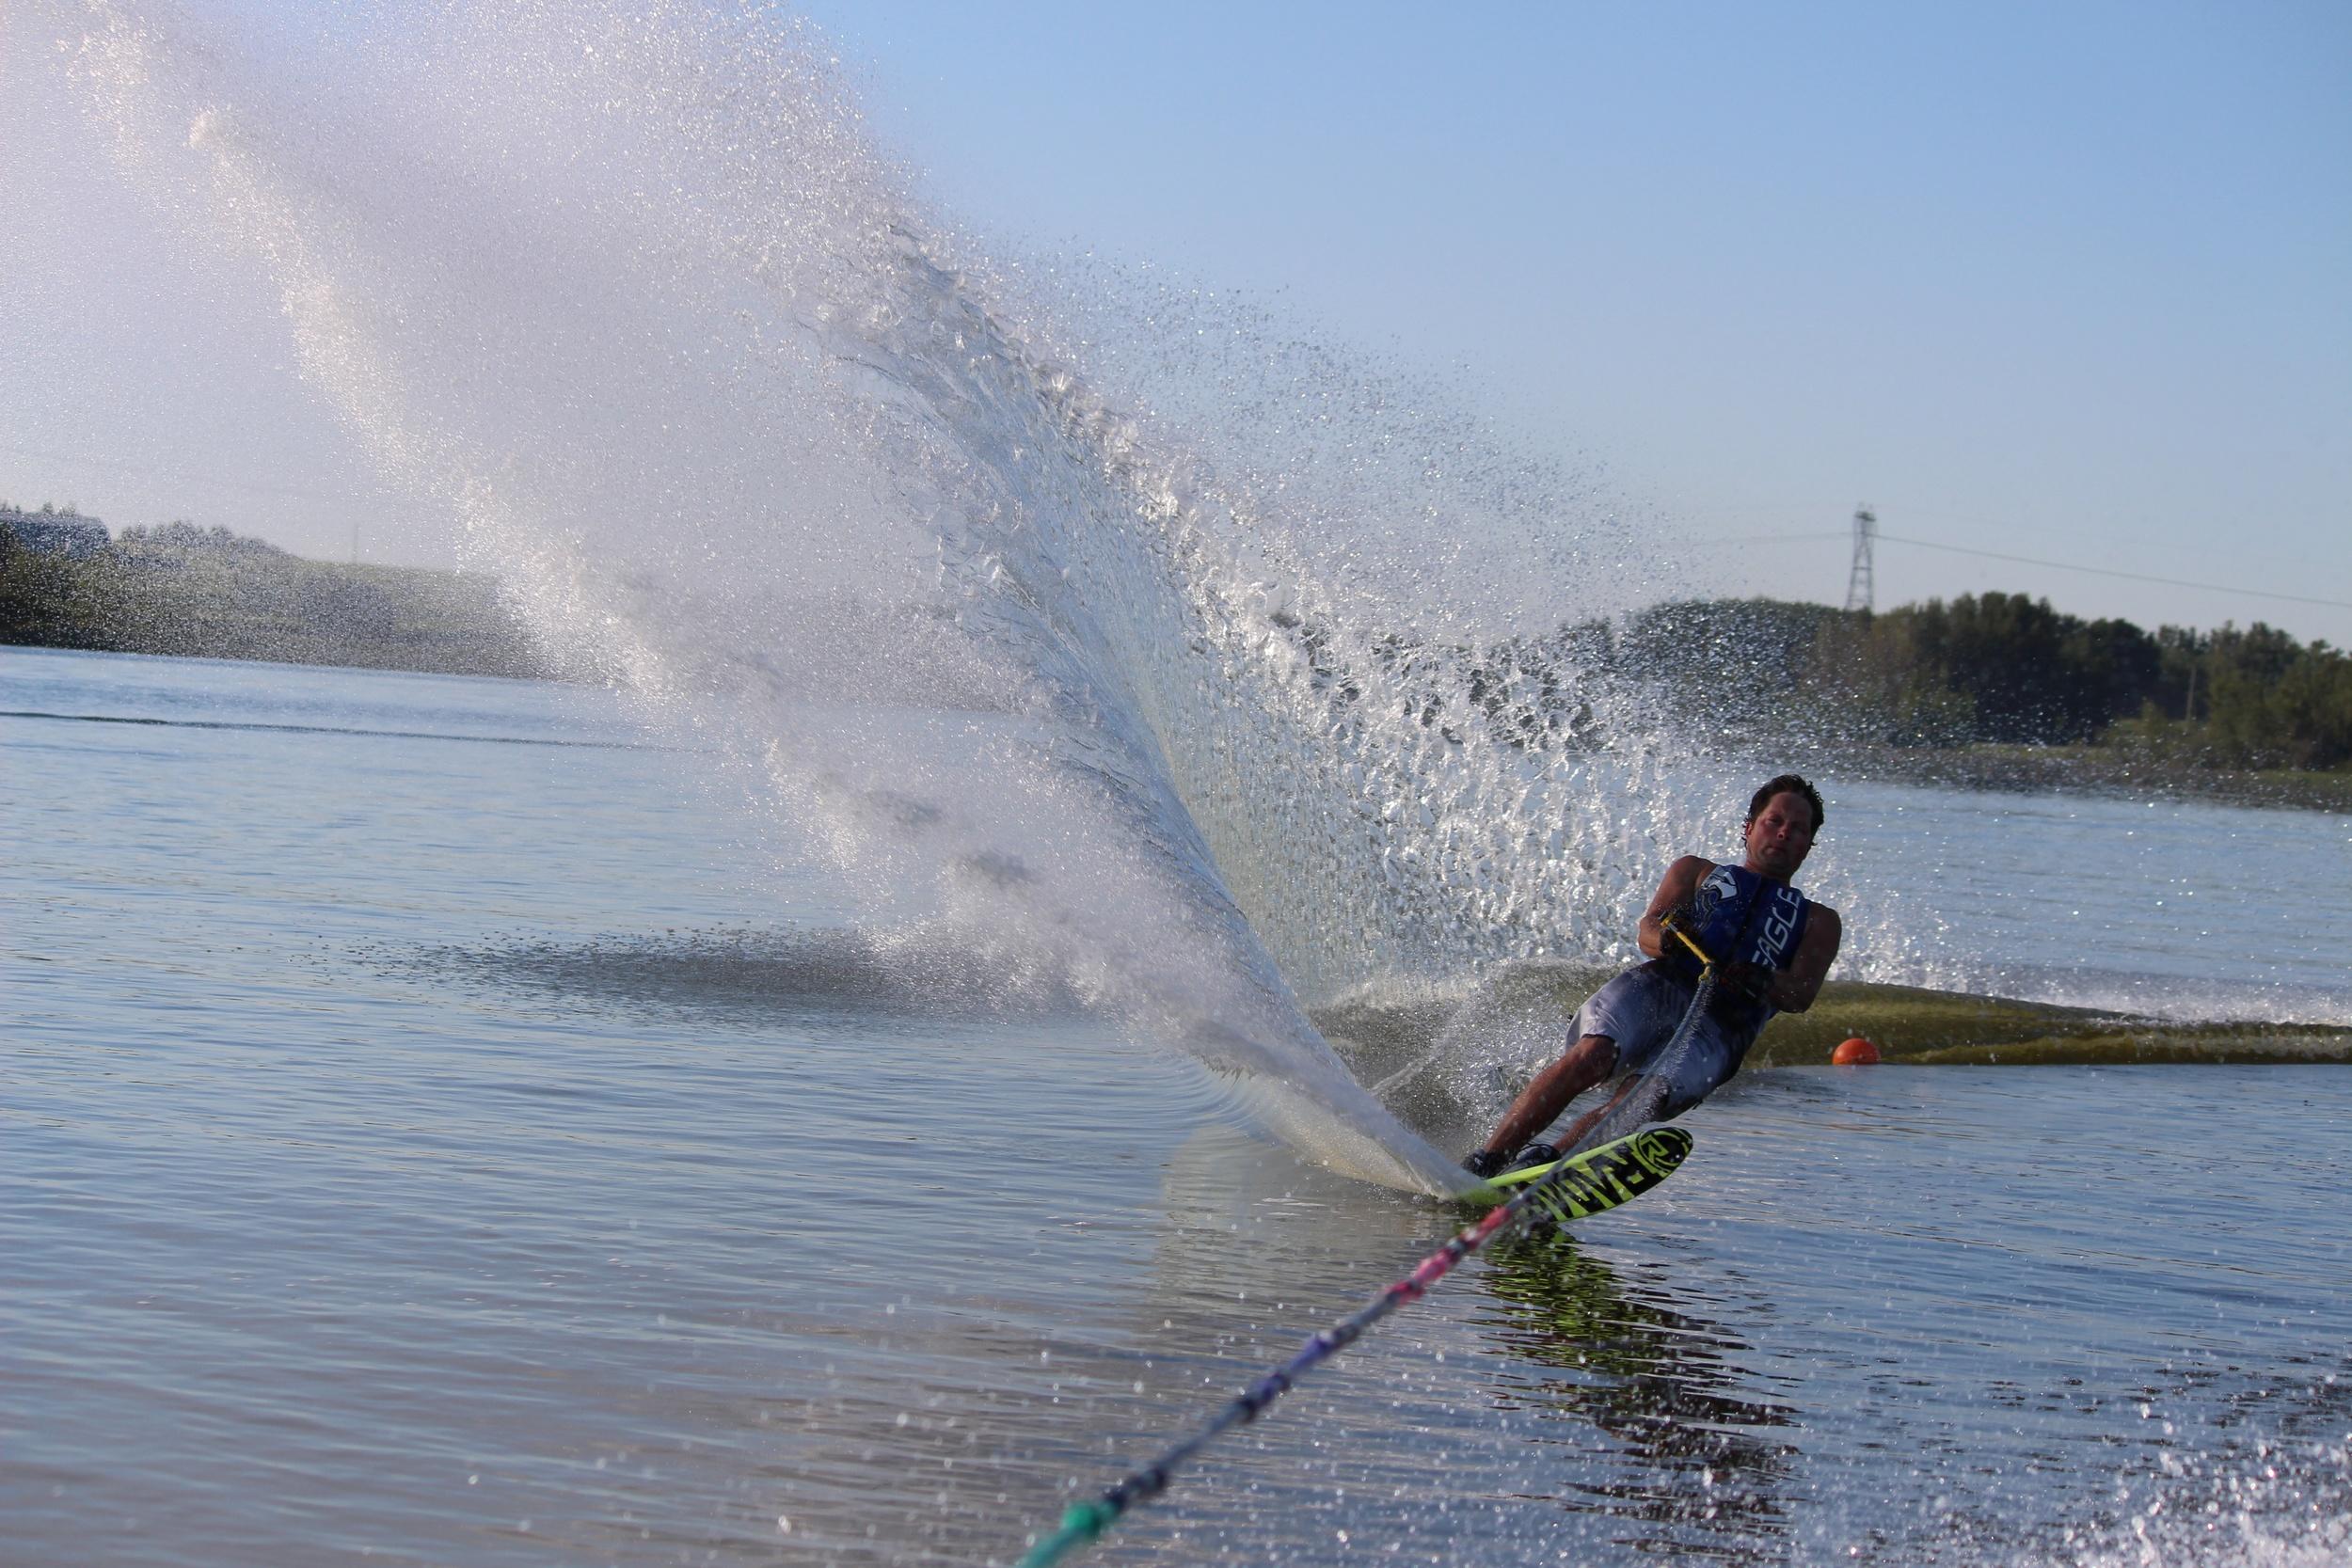 Todd Skiing